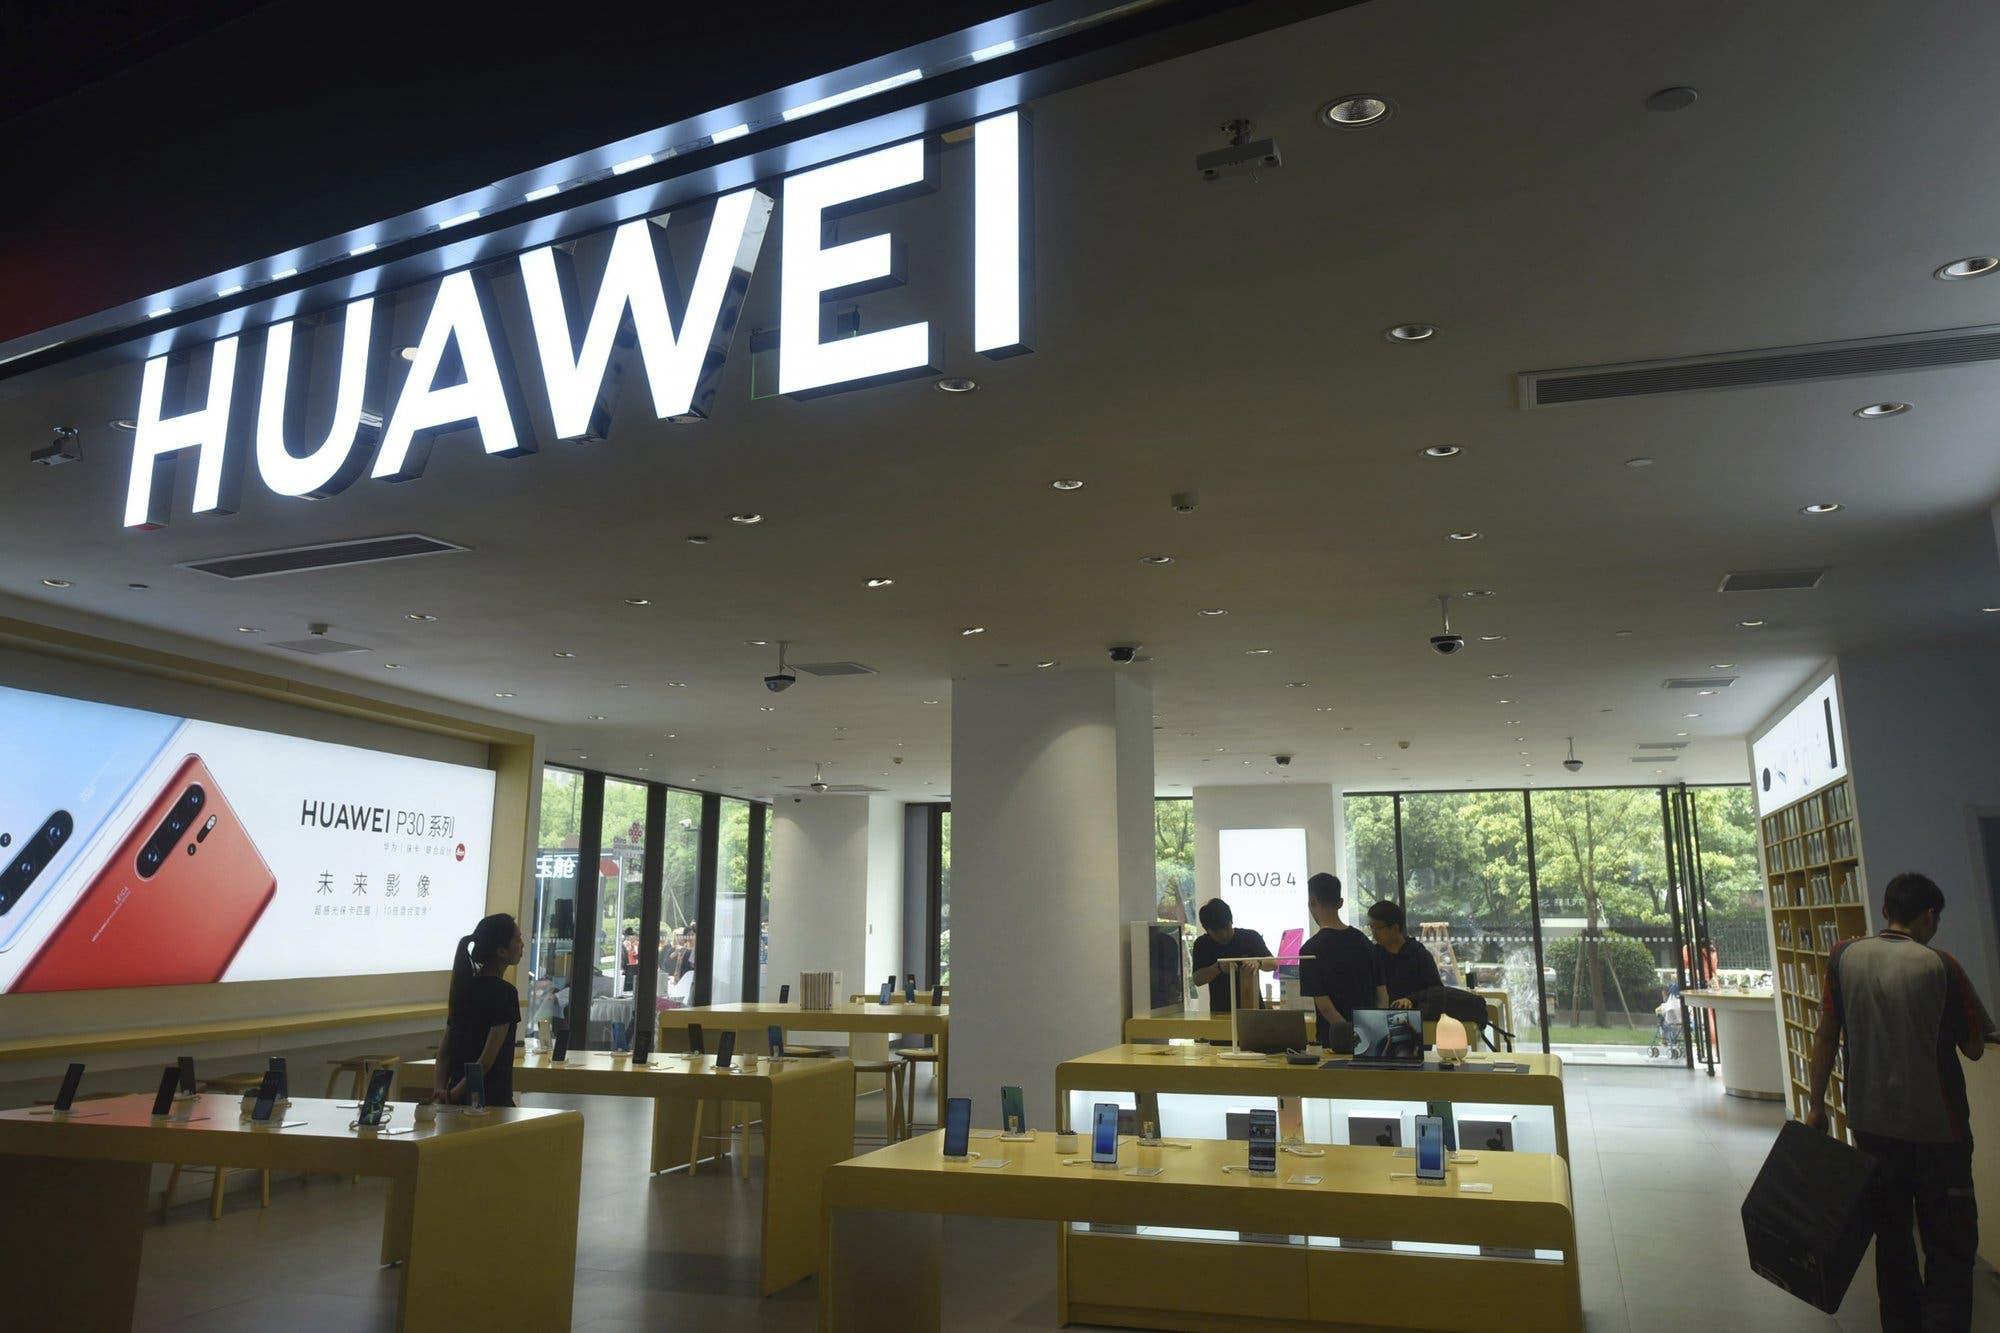 China critica a EE. UU. por imponer controles de exportación a las ventas al gigante tecnológico Huawei